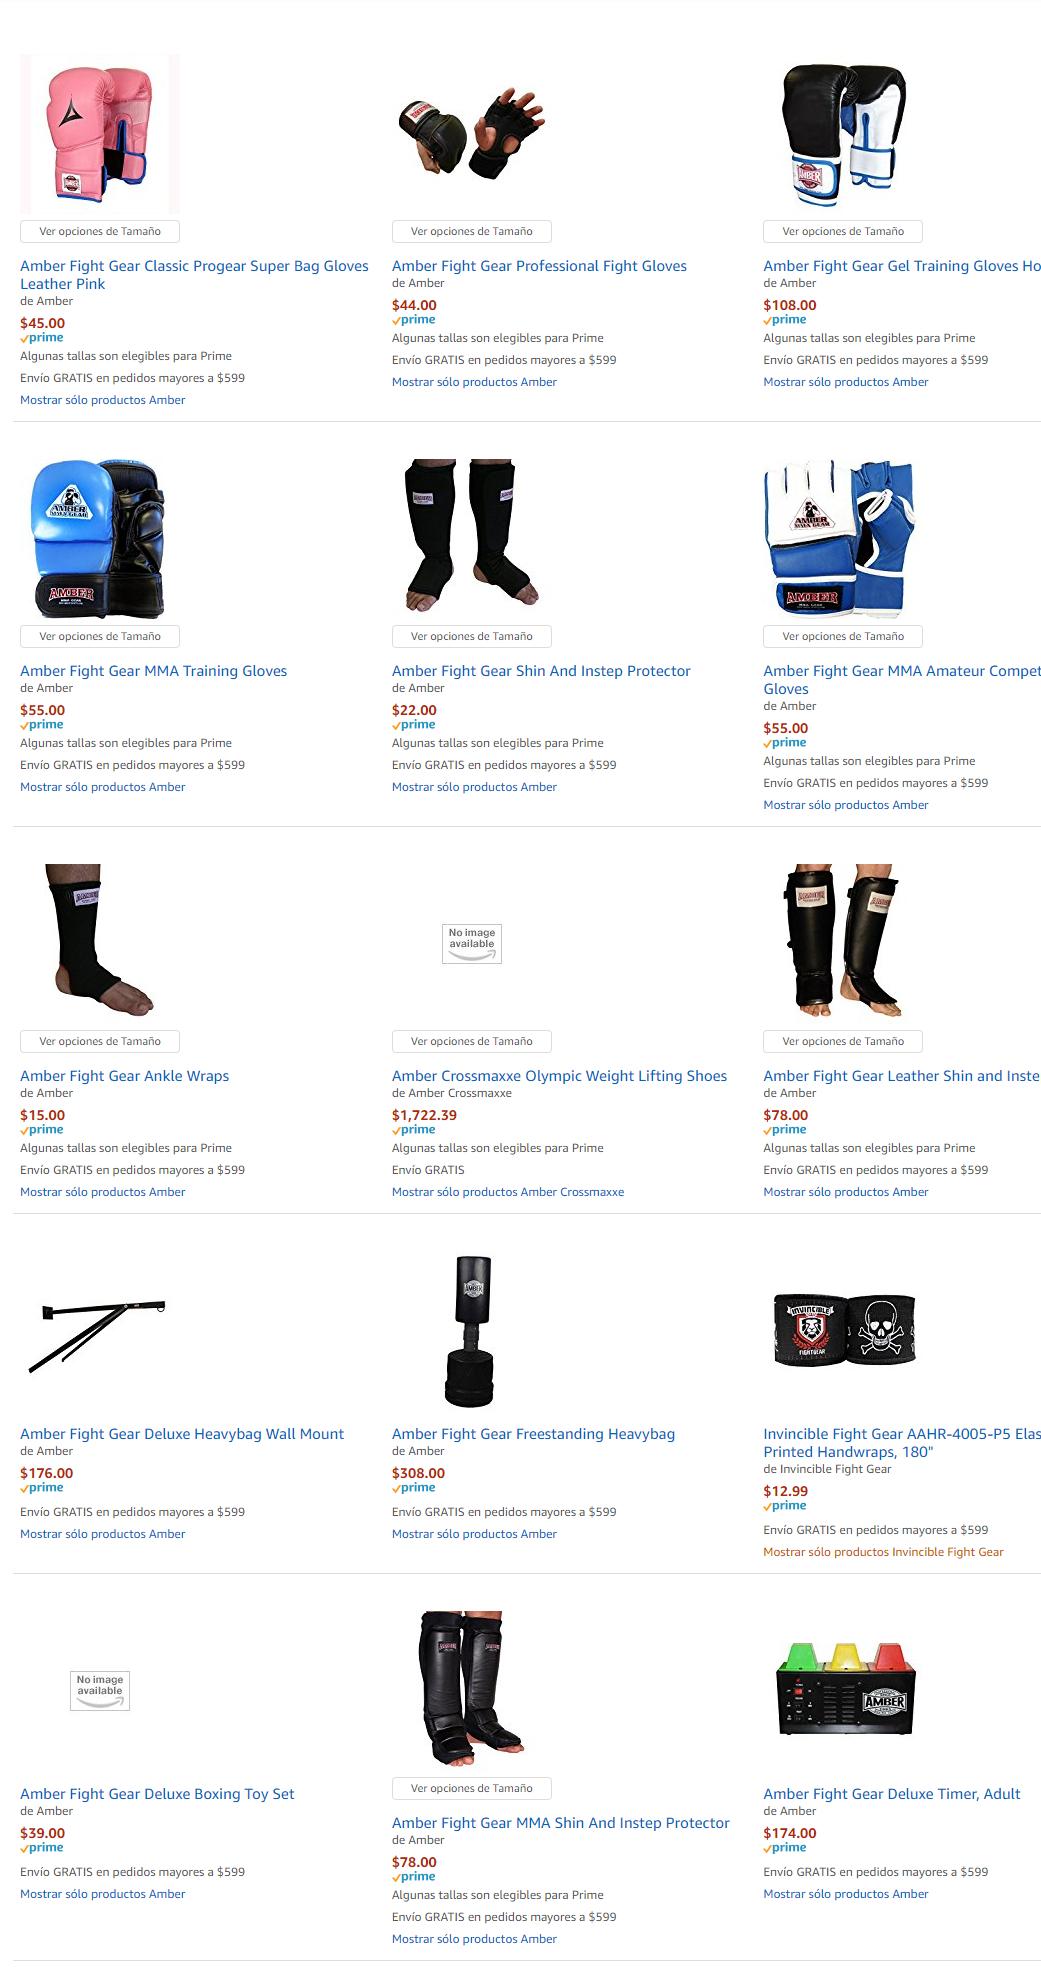 Amazon: Productos Amber precio de dolares a pesos